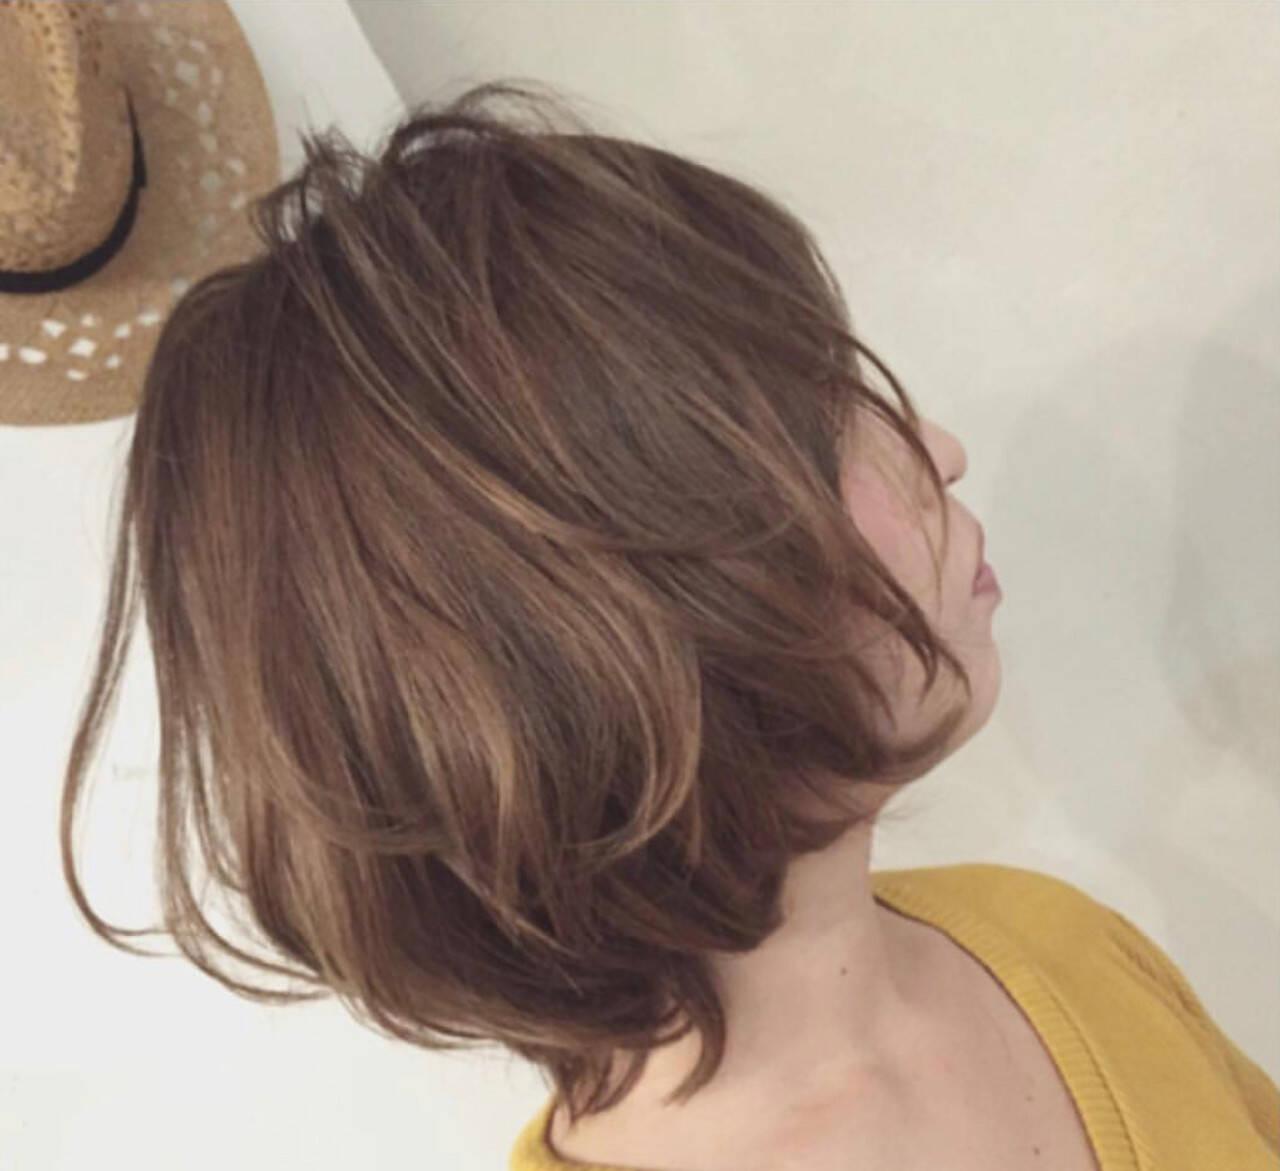 ボブ ママヘア ガーリー ボブヘアスタイルや髪型の写真・画像